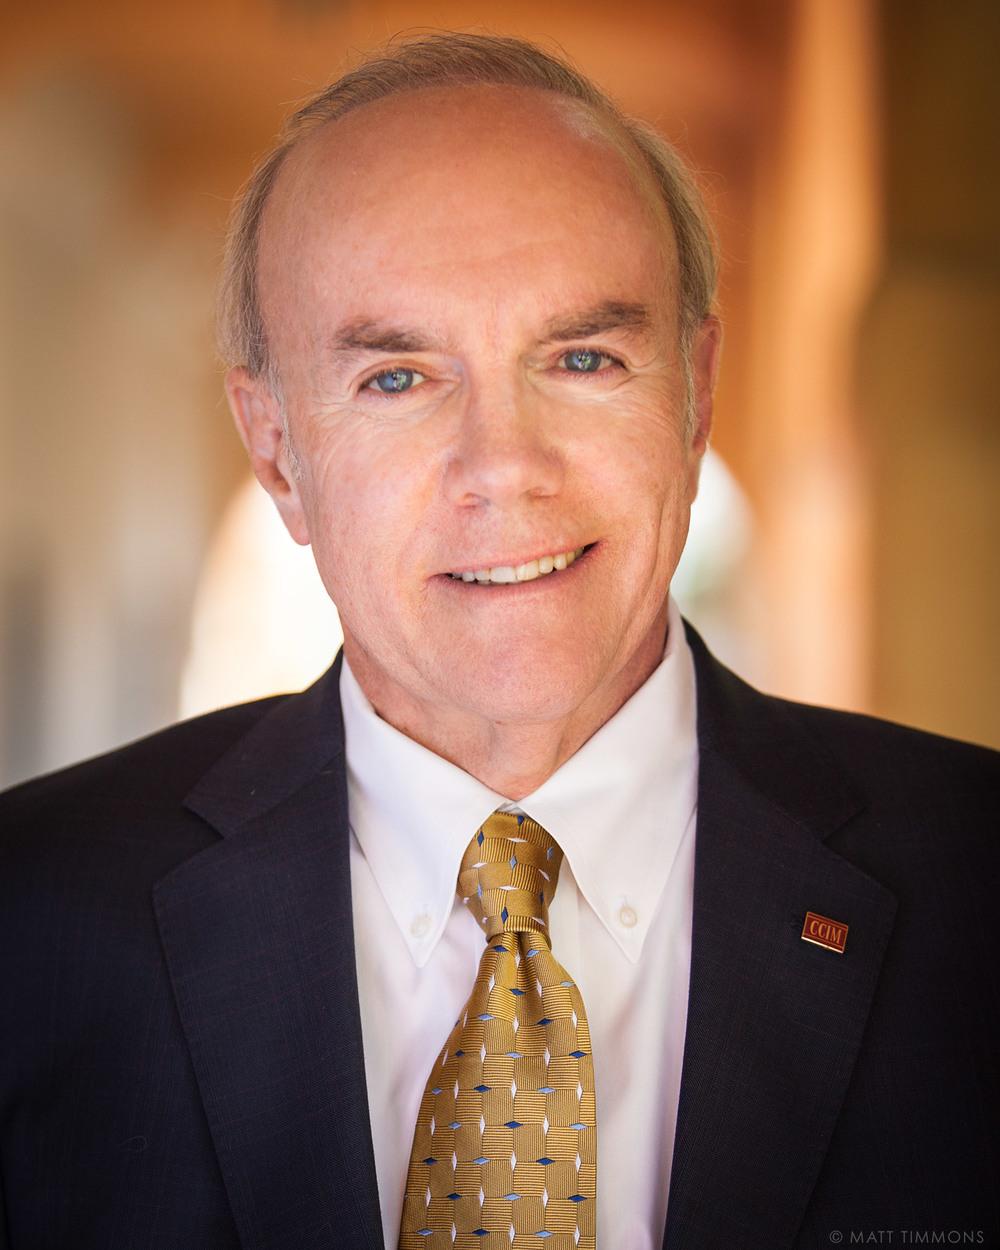 Larry Ilfeld, Managing Director, Sperry Van Ness